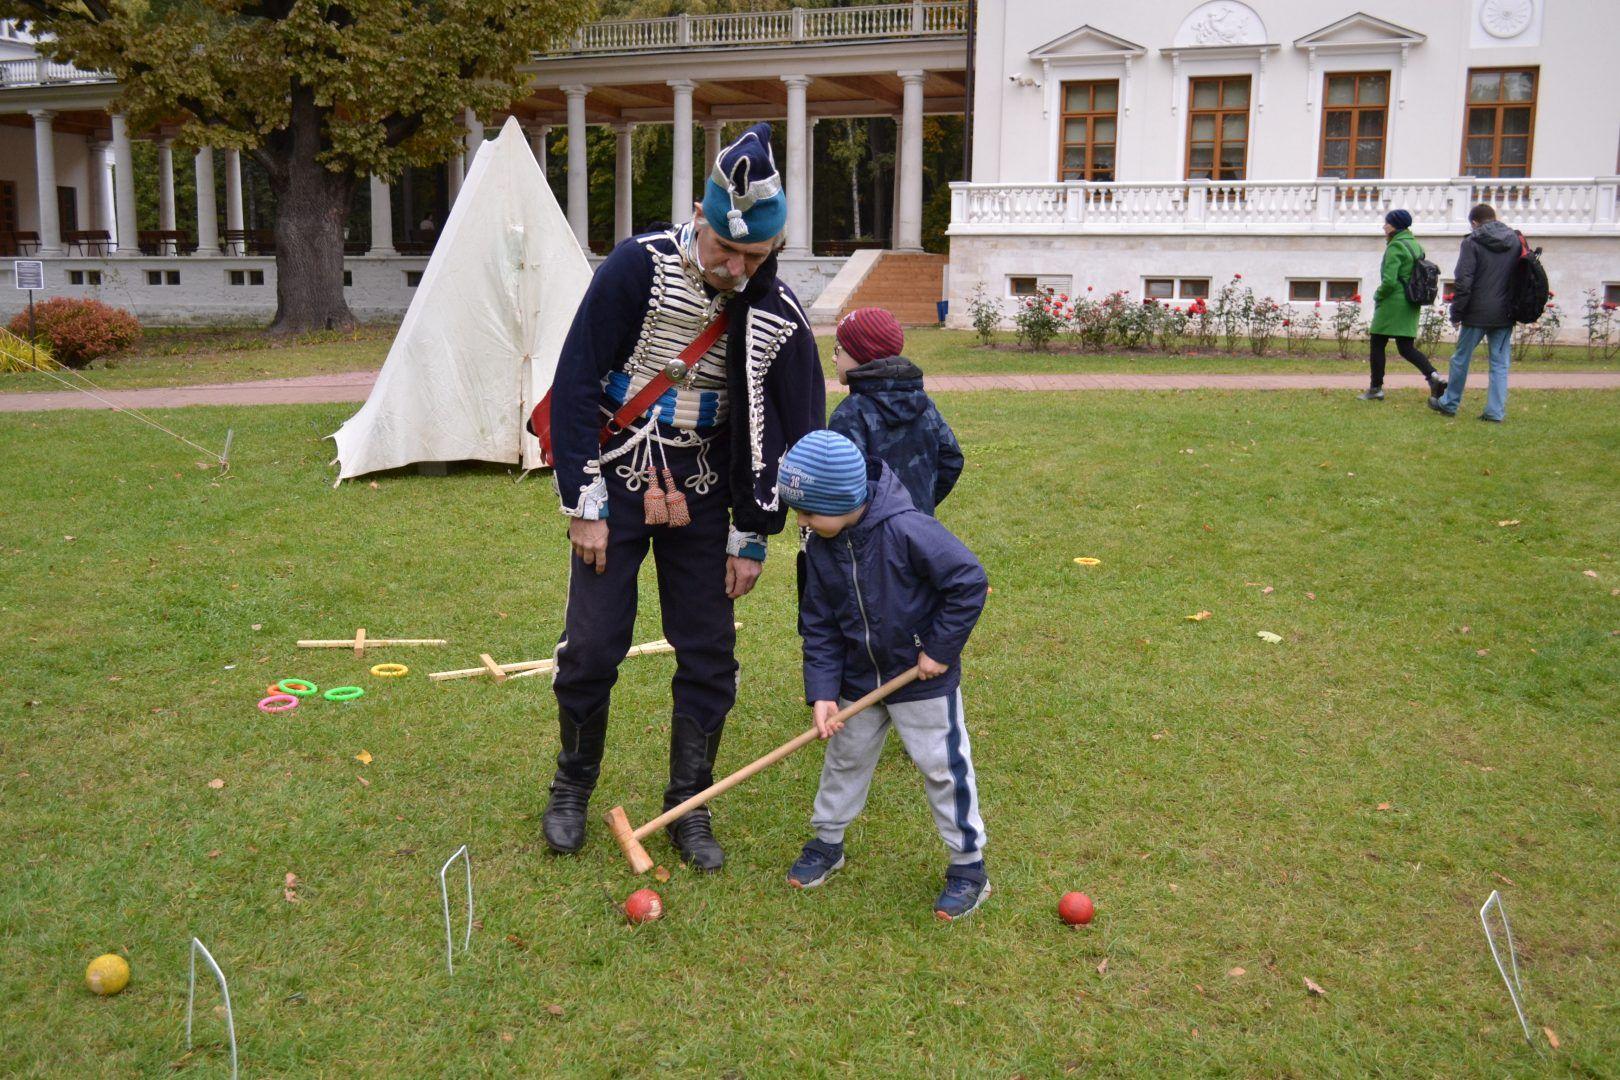 Детям на фестивале предложили сыграть в крокет. Фото: Алина Берестова